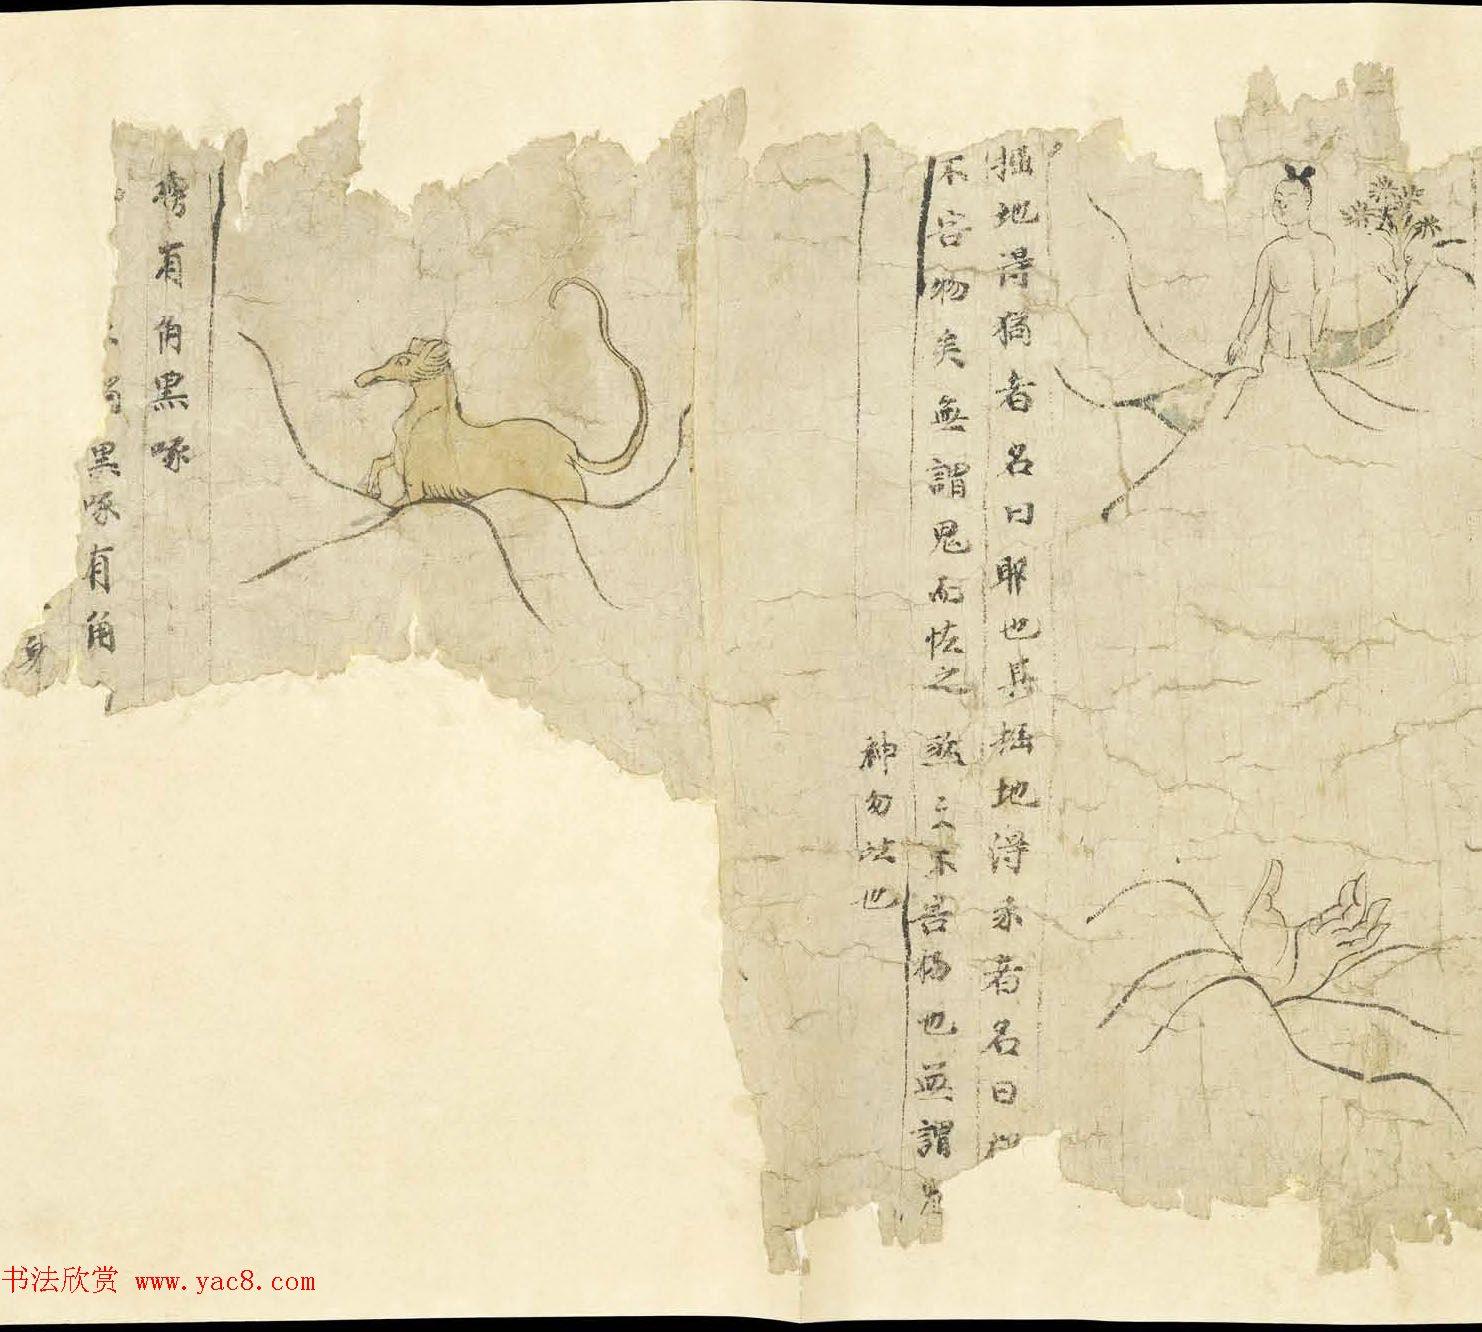 敦煌文献《白泽精怪图》两种图卷残本